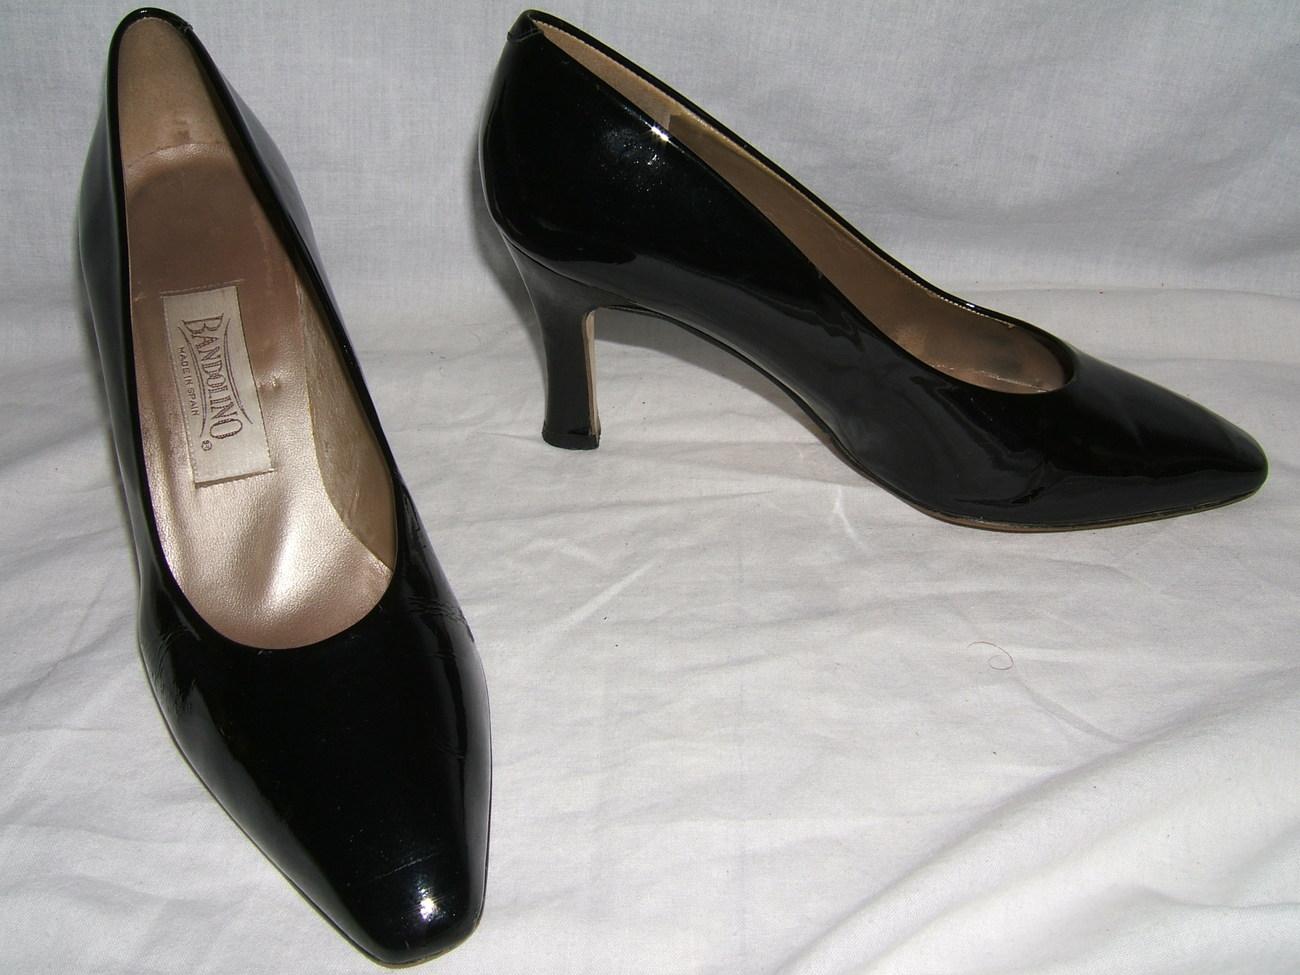 Bandolino Shoes: 1 customer review and